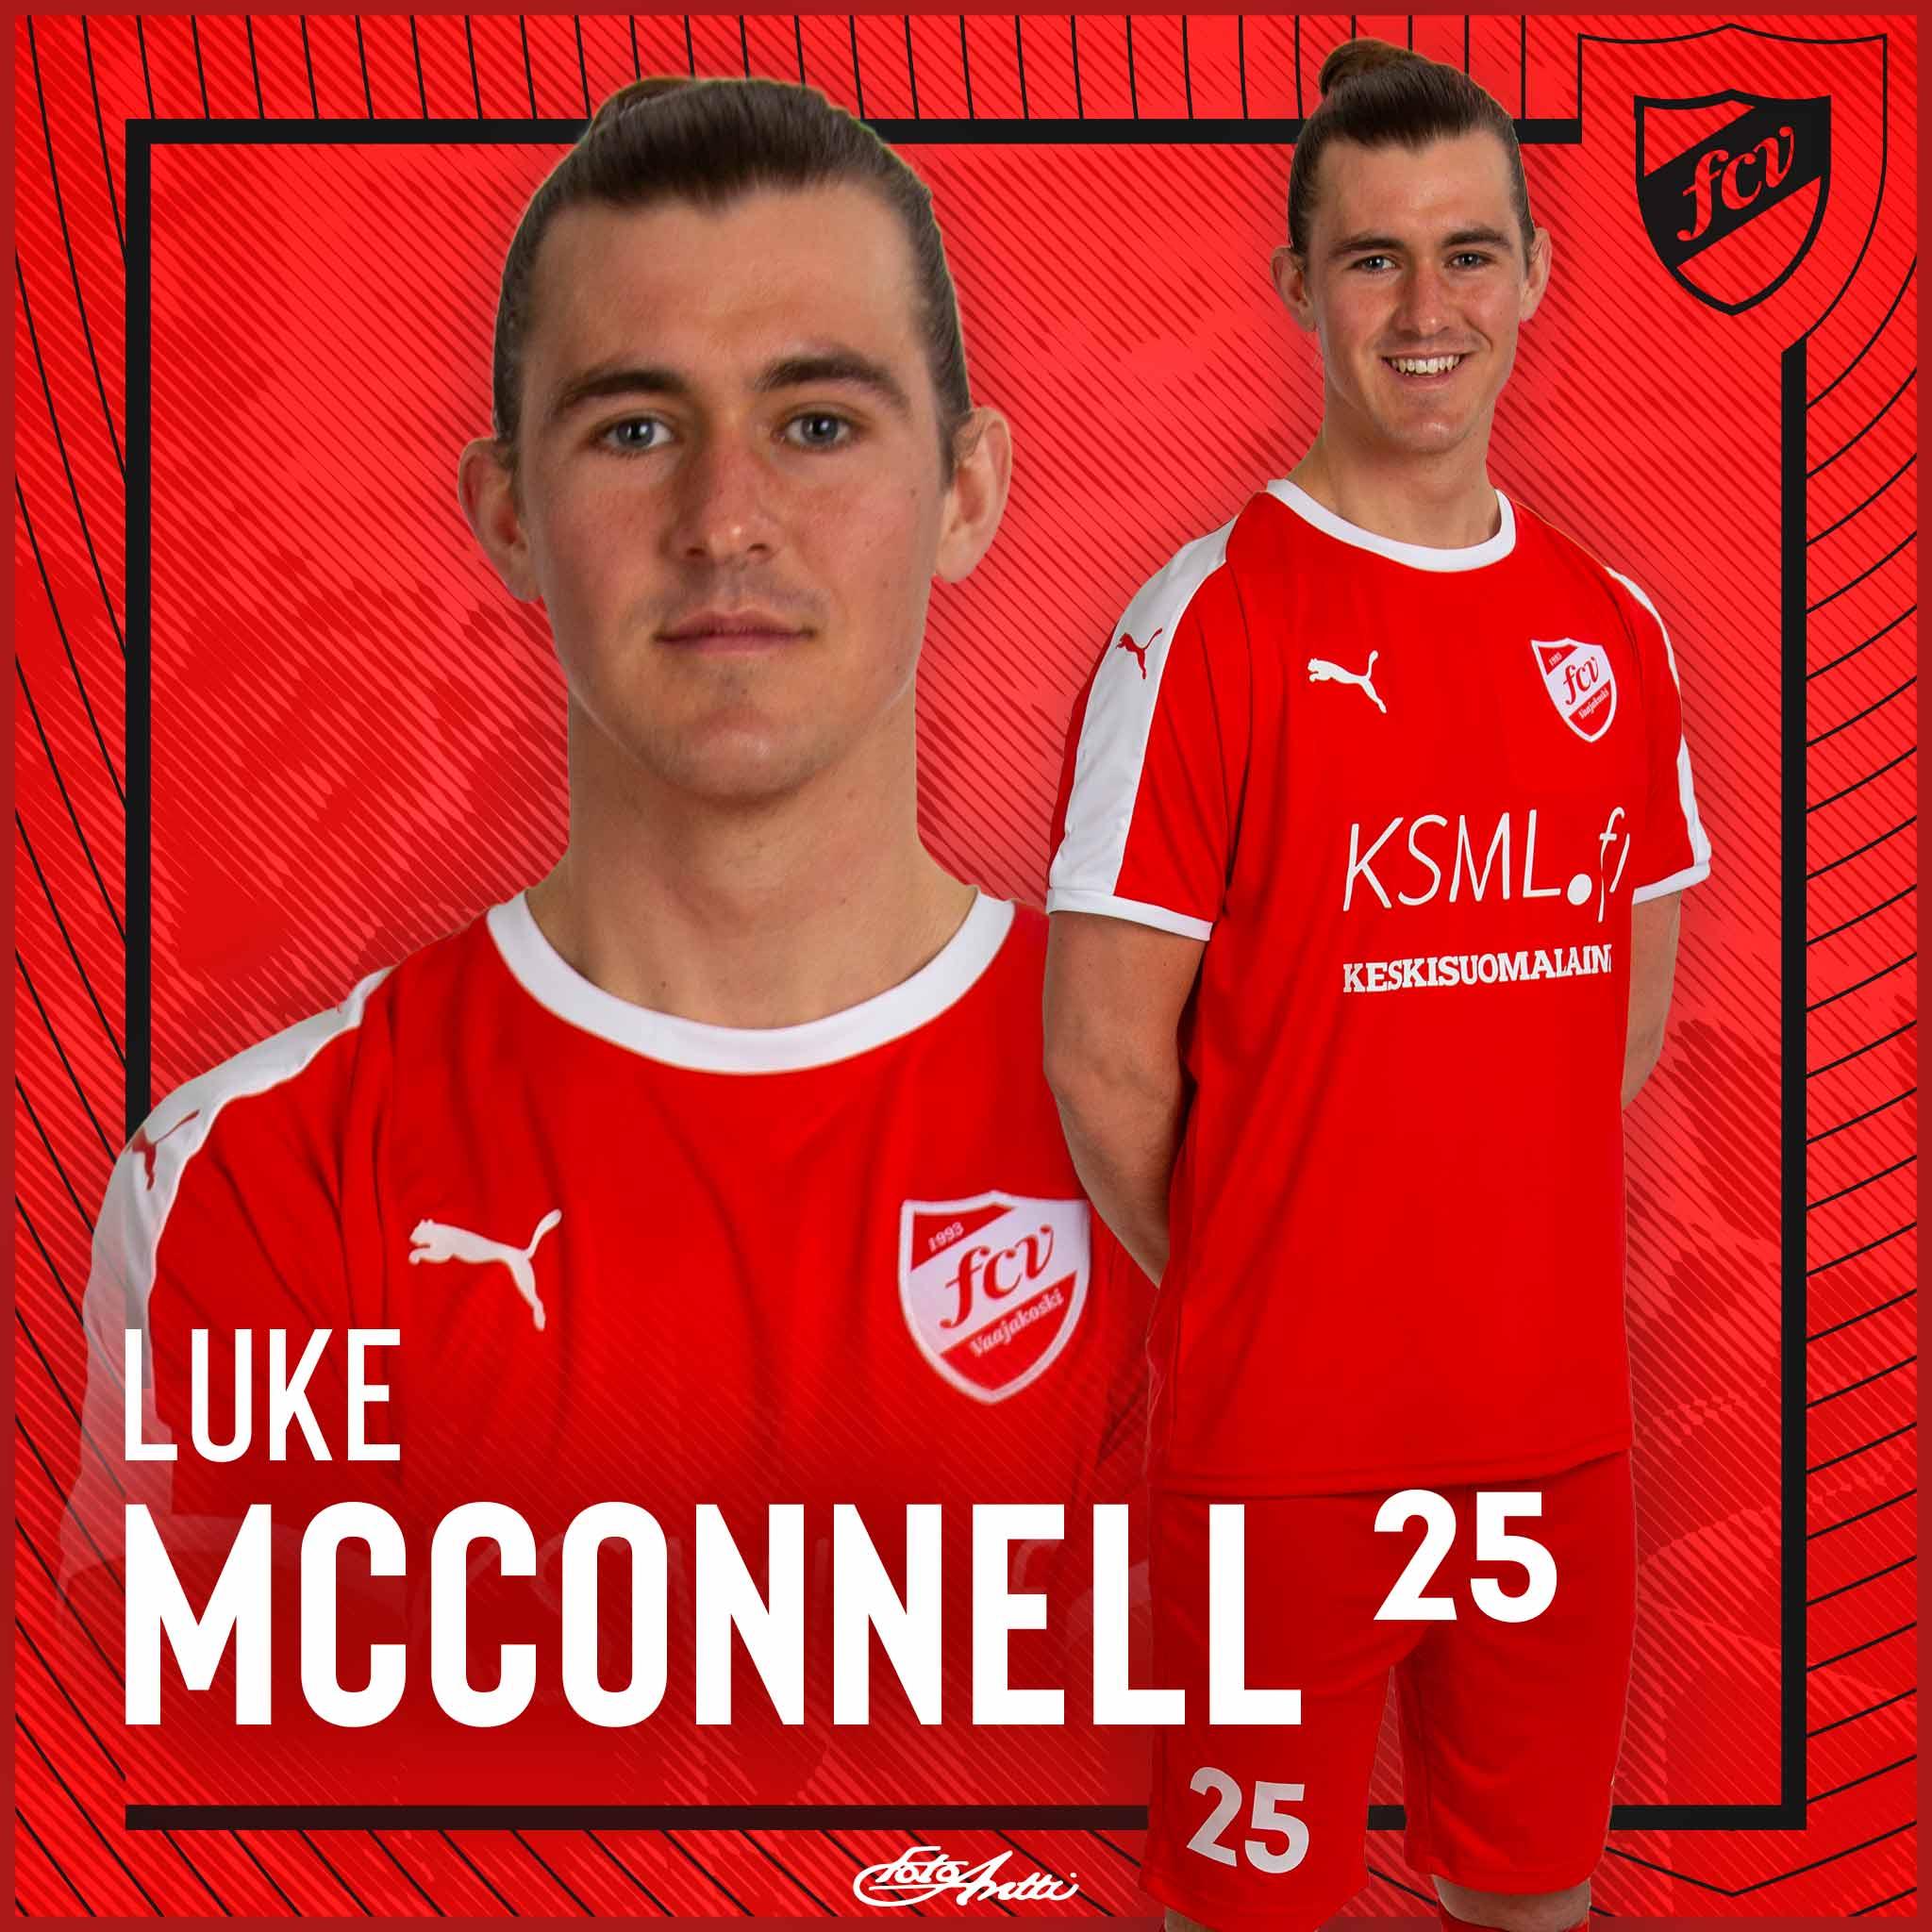 Luke McConnell